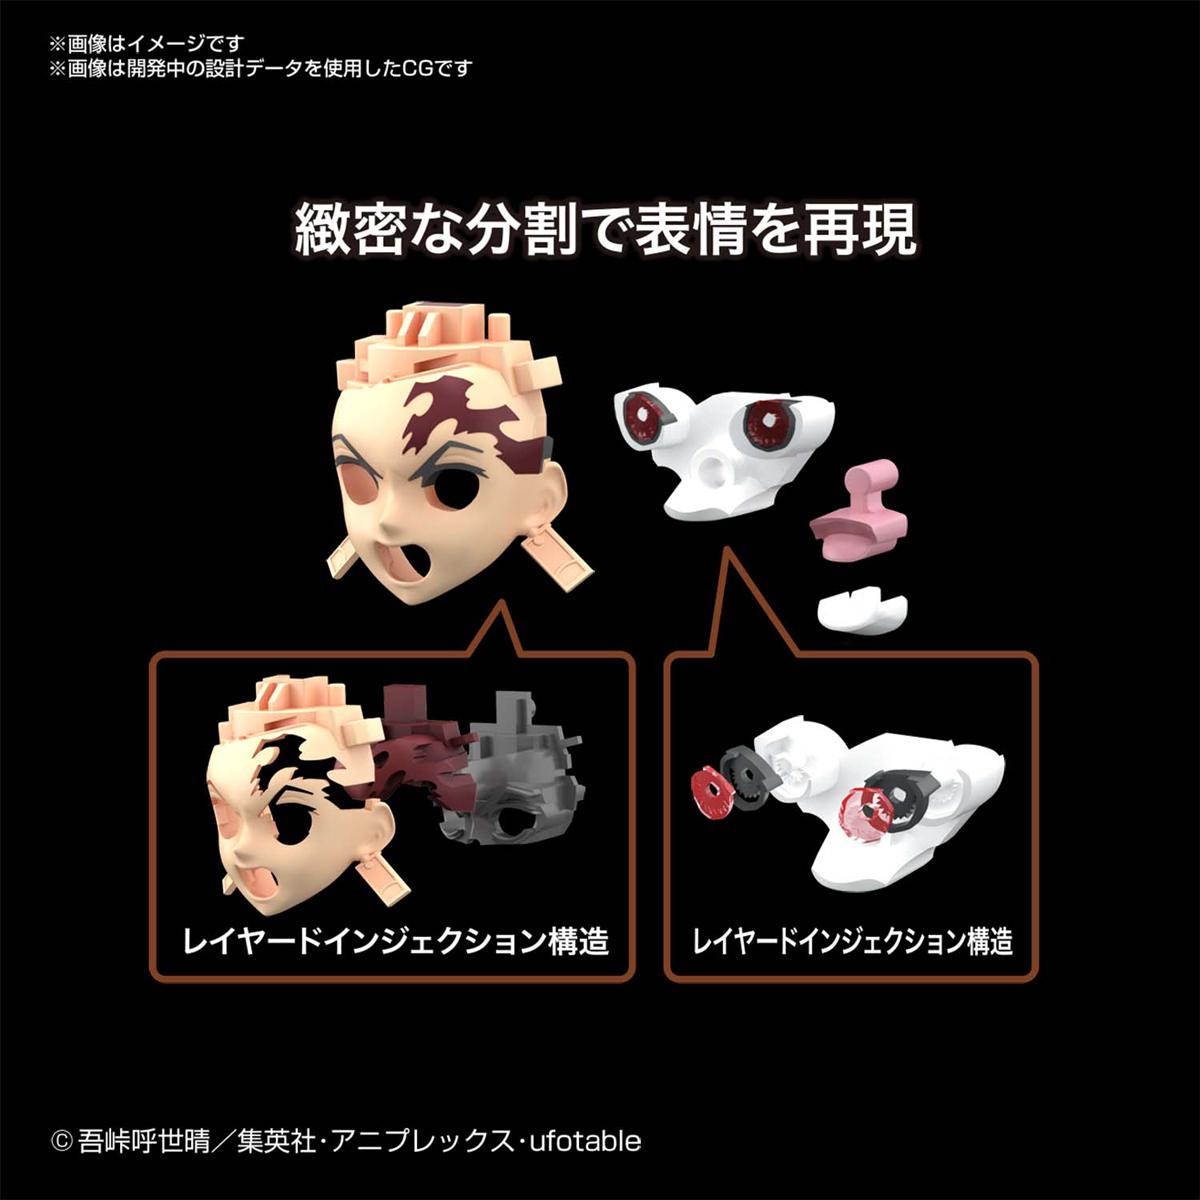 【再販】鬼滅模型『竈門炭治郎』鬼滅の刃 プラモデル-004